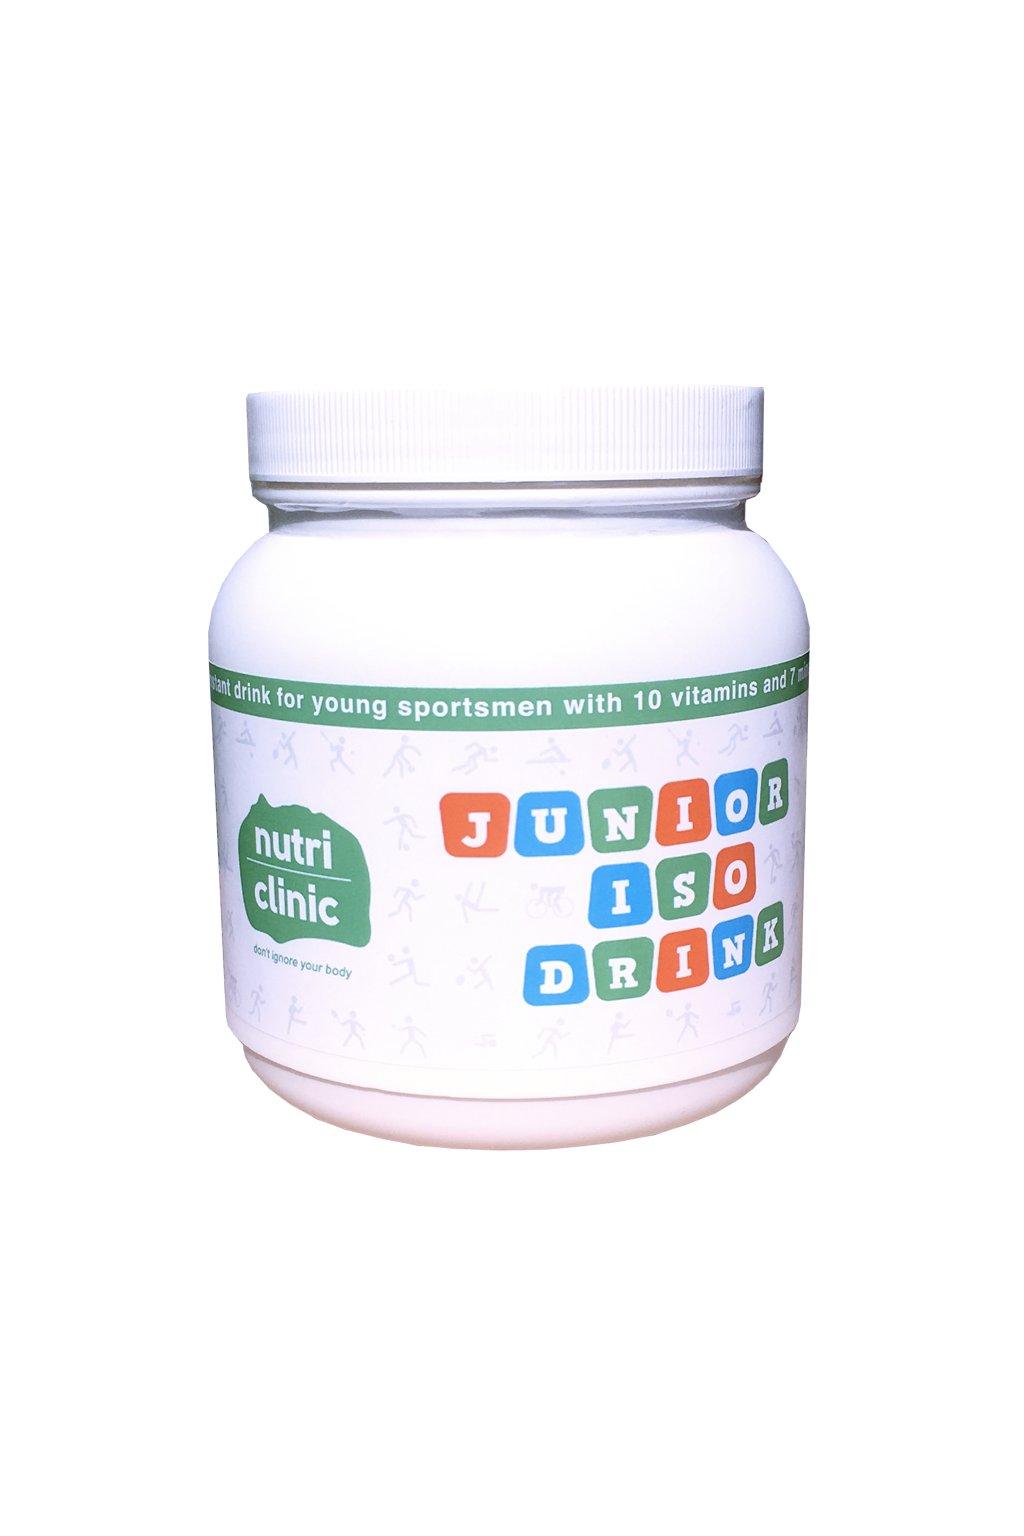 Nutri clinic Junior Iso Drink